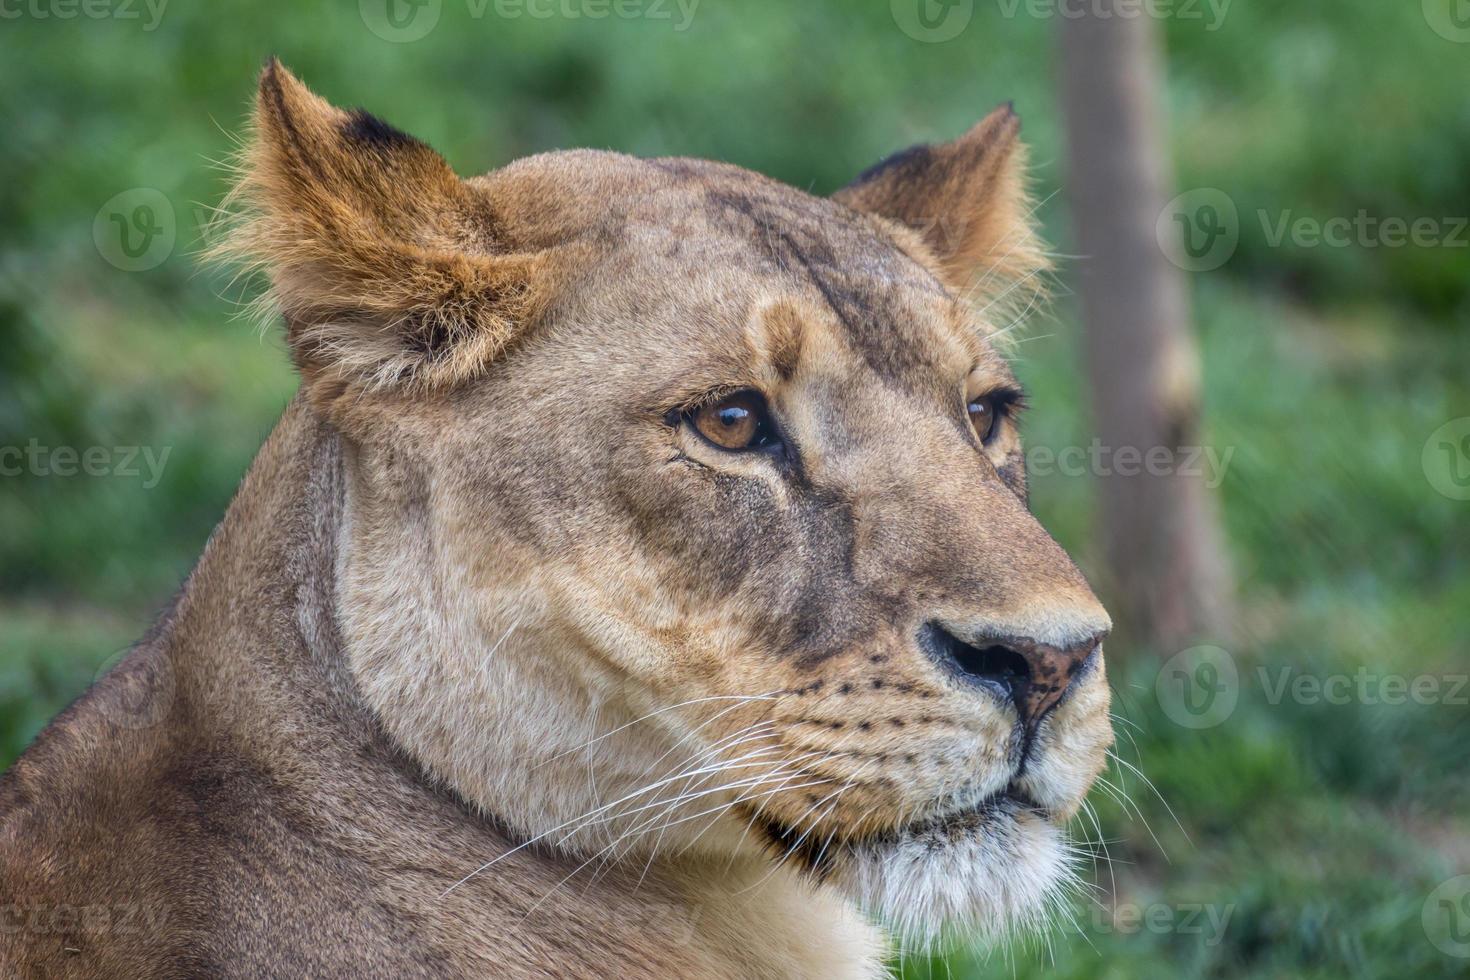 madre león foto